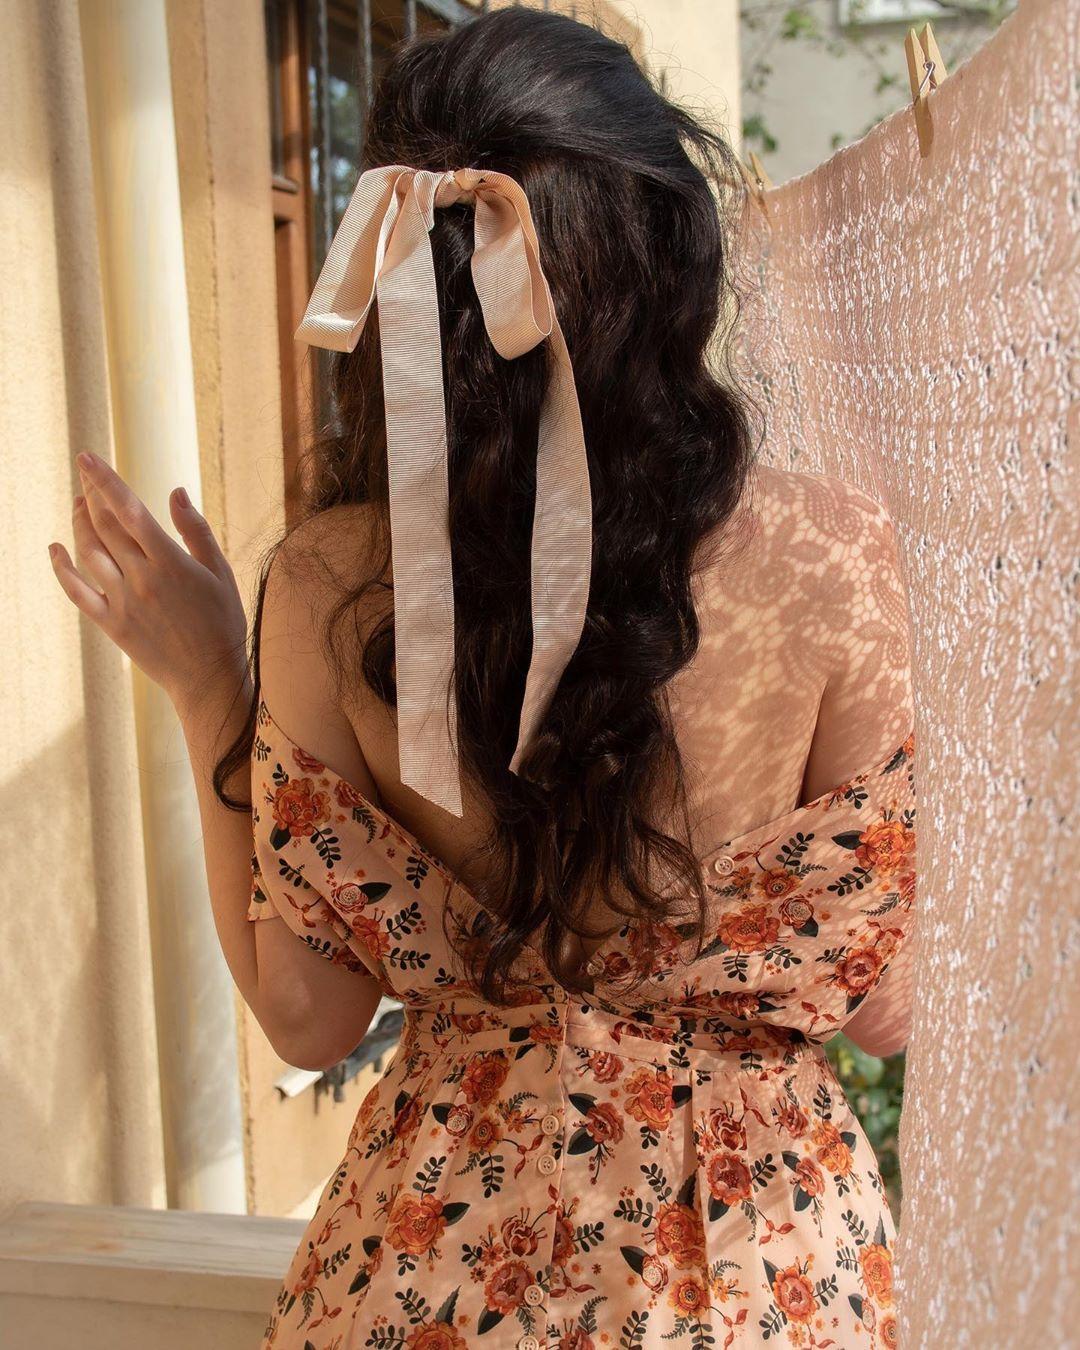 Phụ kiện thời trang cung xử nữ - Cô gái mặc váy hoa, buộc tóc bằng ruy băng lụa